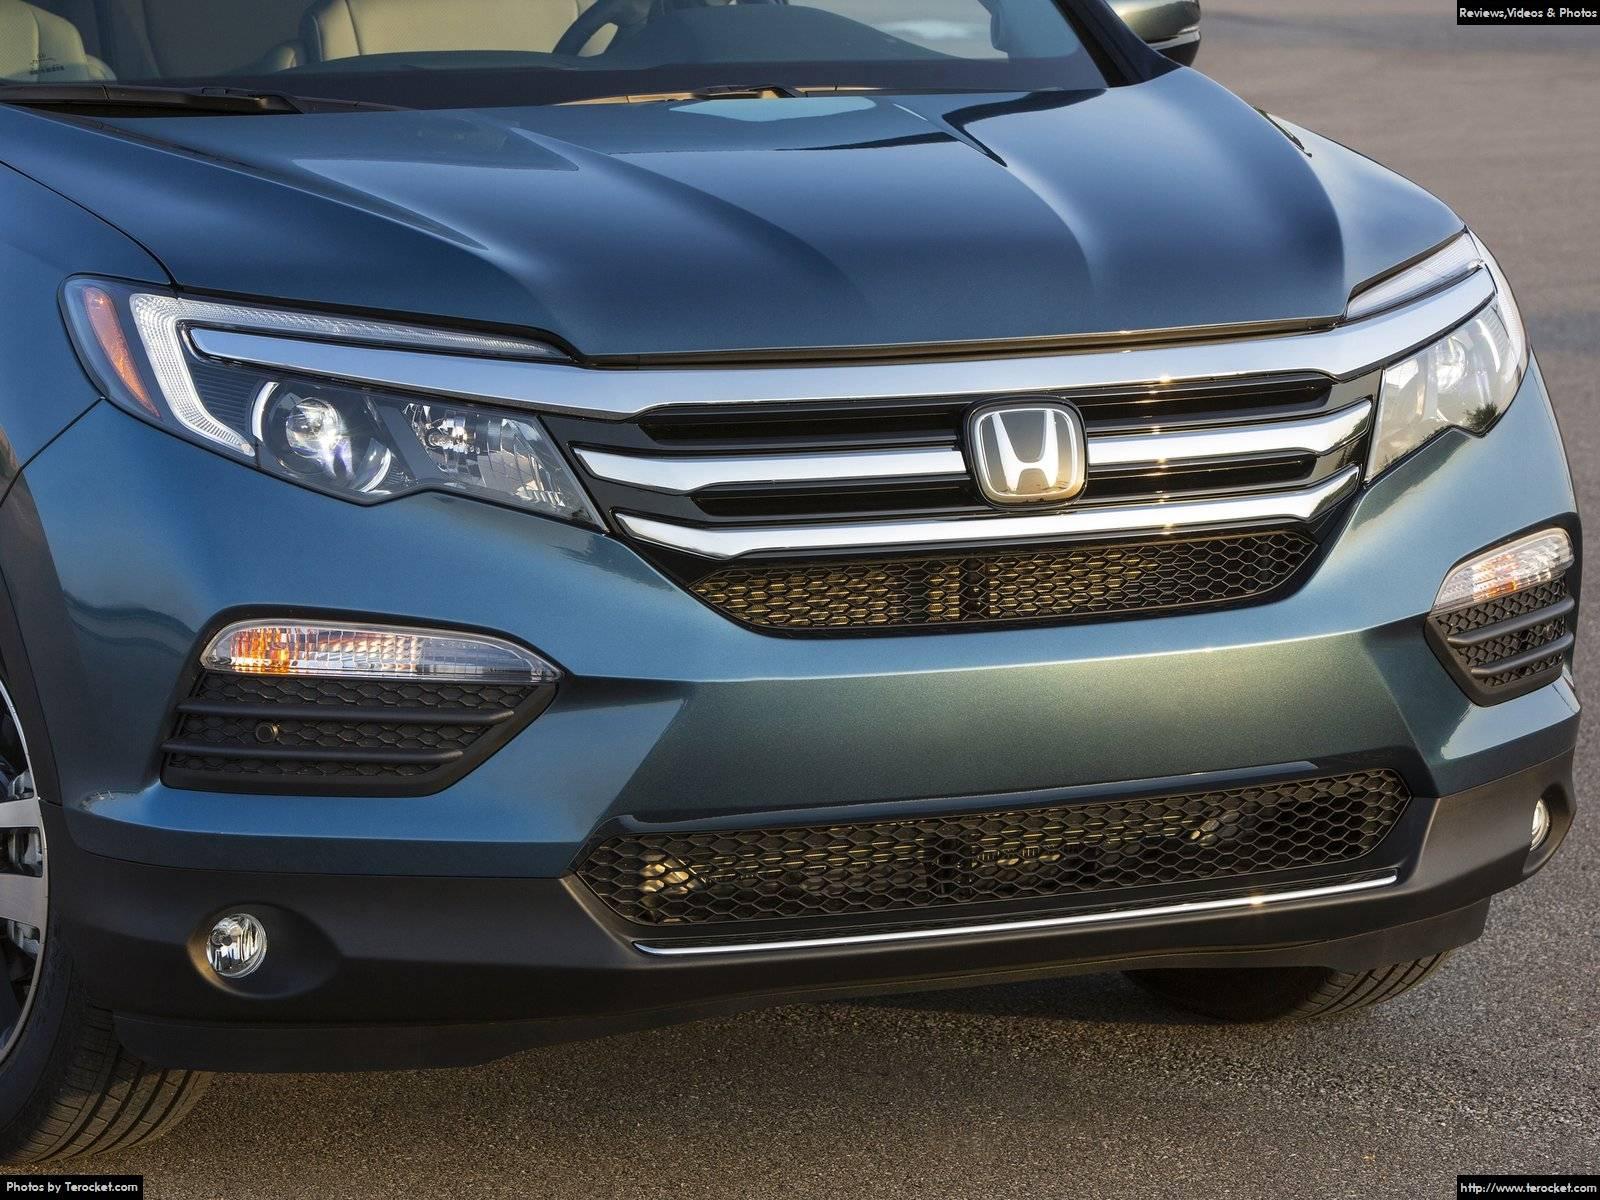 Hình ảnh xe ô tô Honda Pilot 2016 & nội ngoại thất